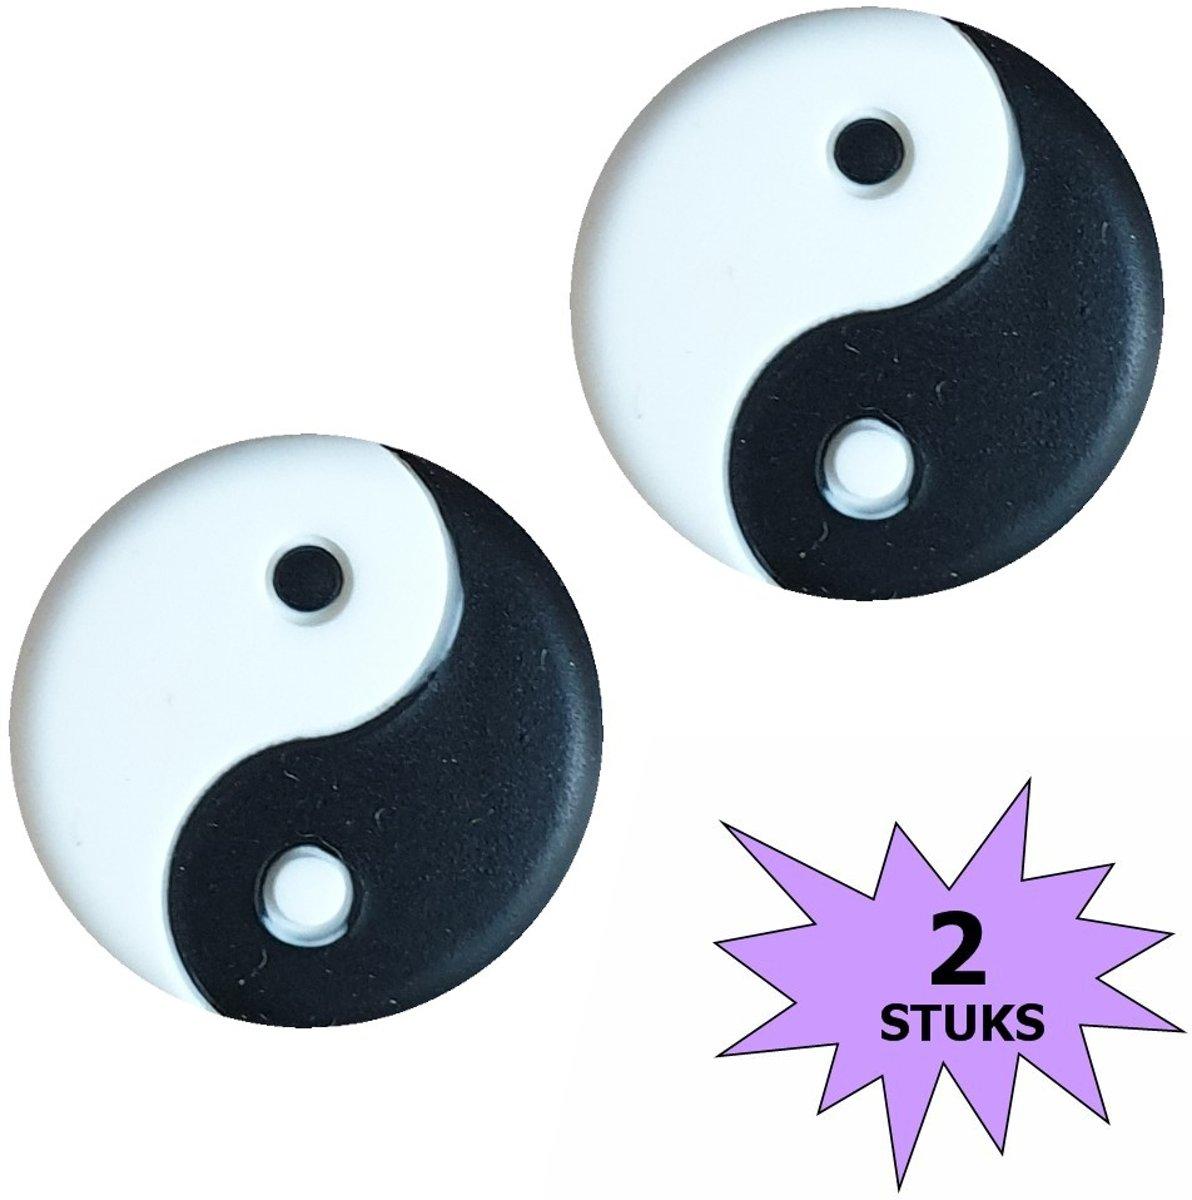 Fako Bijoux® - Tennisdemper - Yin Yang - Zwart/Wit - 2 Stuks kopen